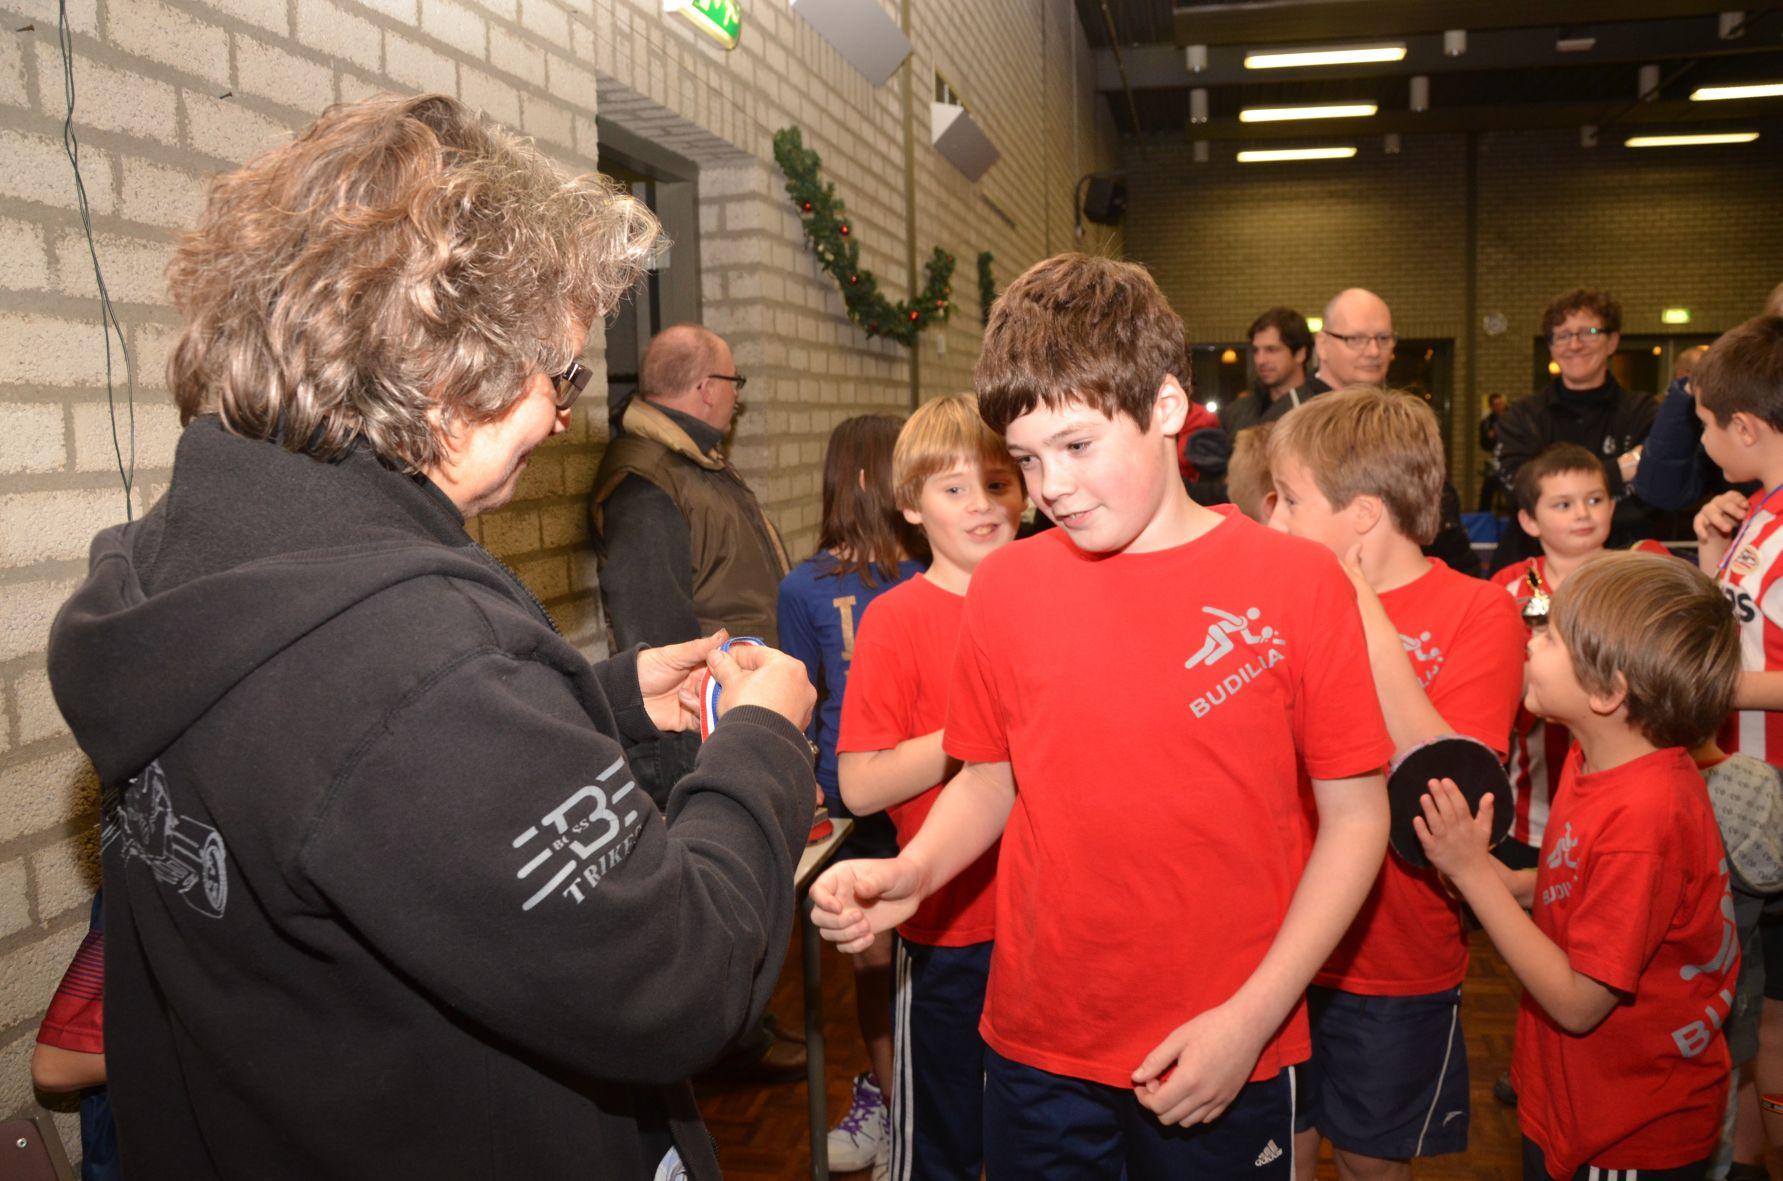 clubkampioenschappen 2013 (13 van 22)